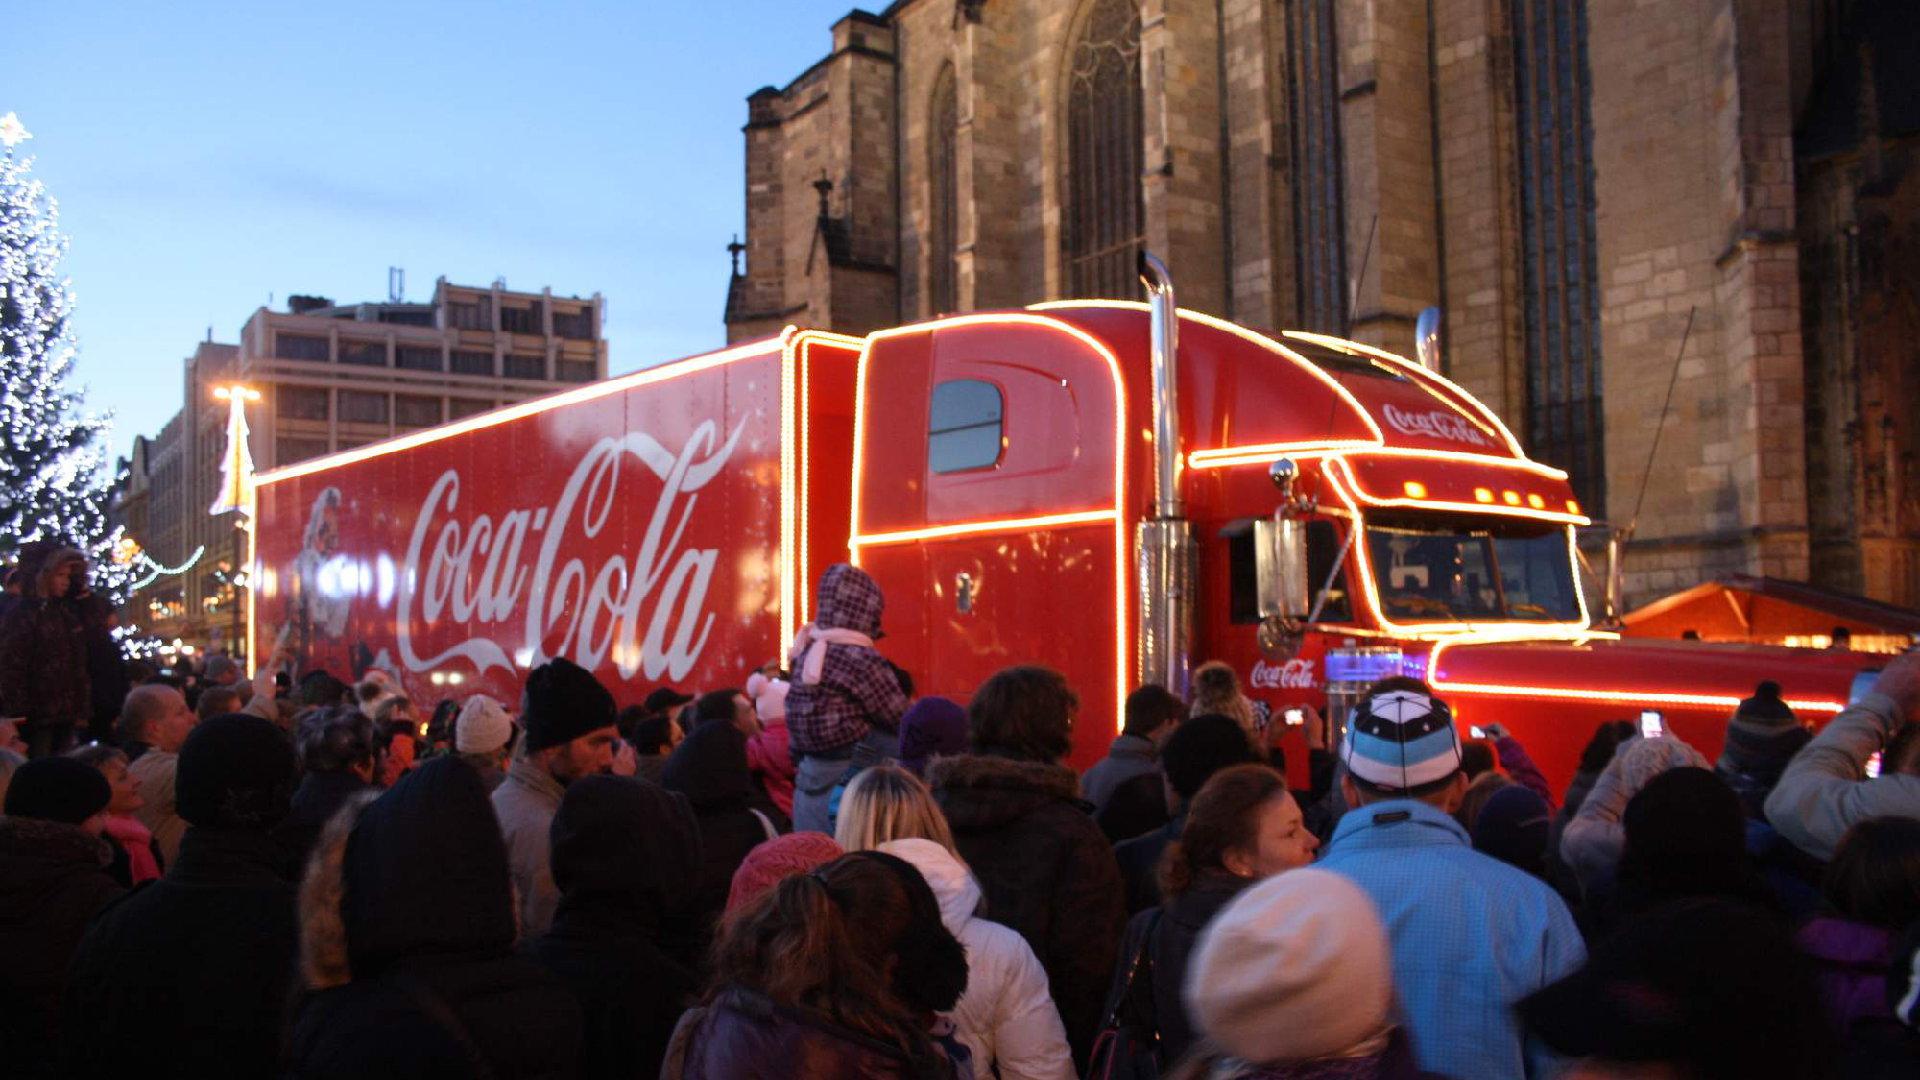 Vánoční kamion Coca Cola 2019 – Trasa, program, tipy